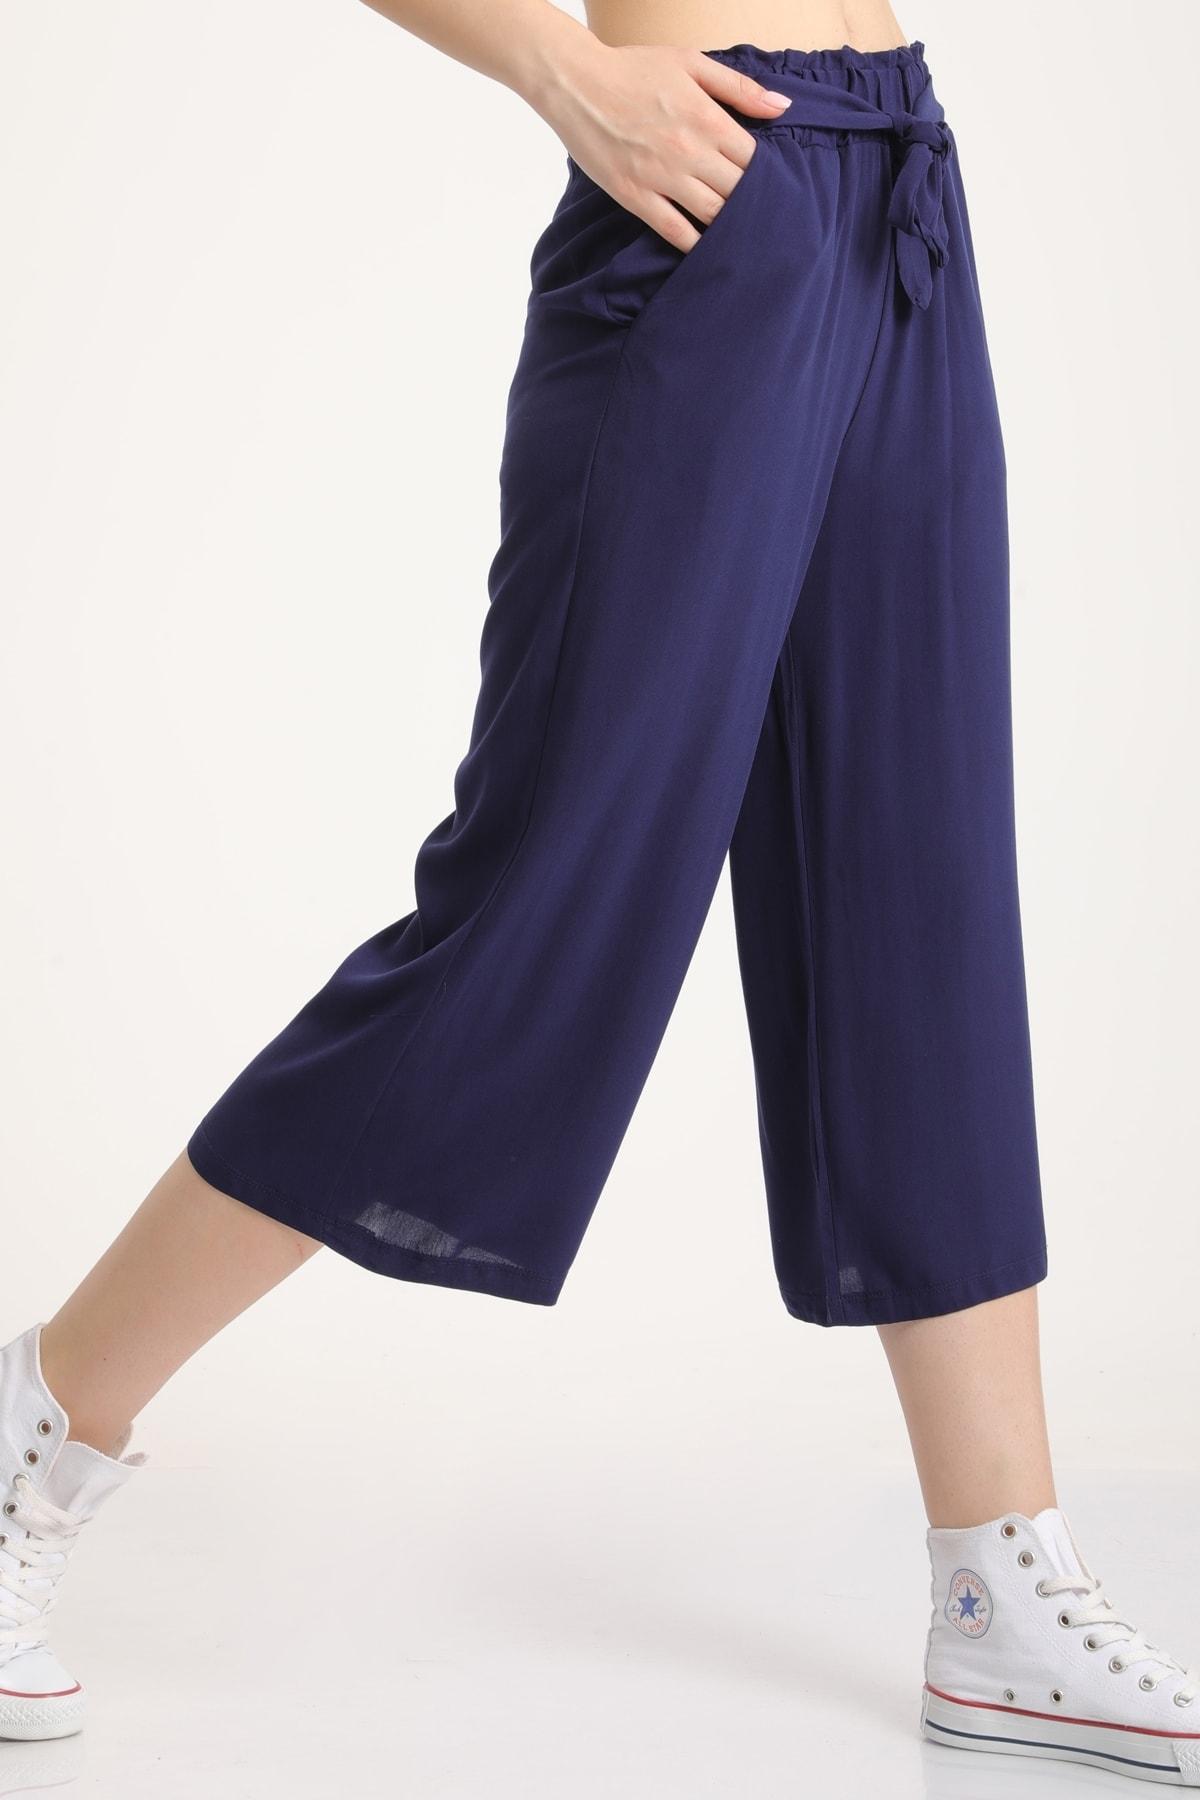 MD trend Kadın Lacivert Bel Lastikli Bağlamalı Kısa Pantolon Mdt5979 1